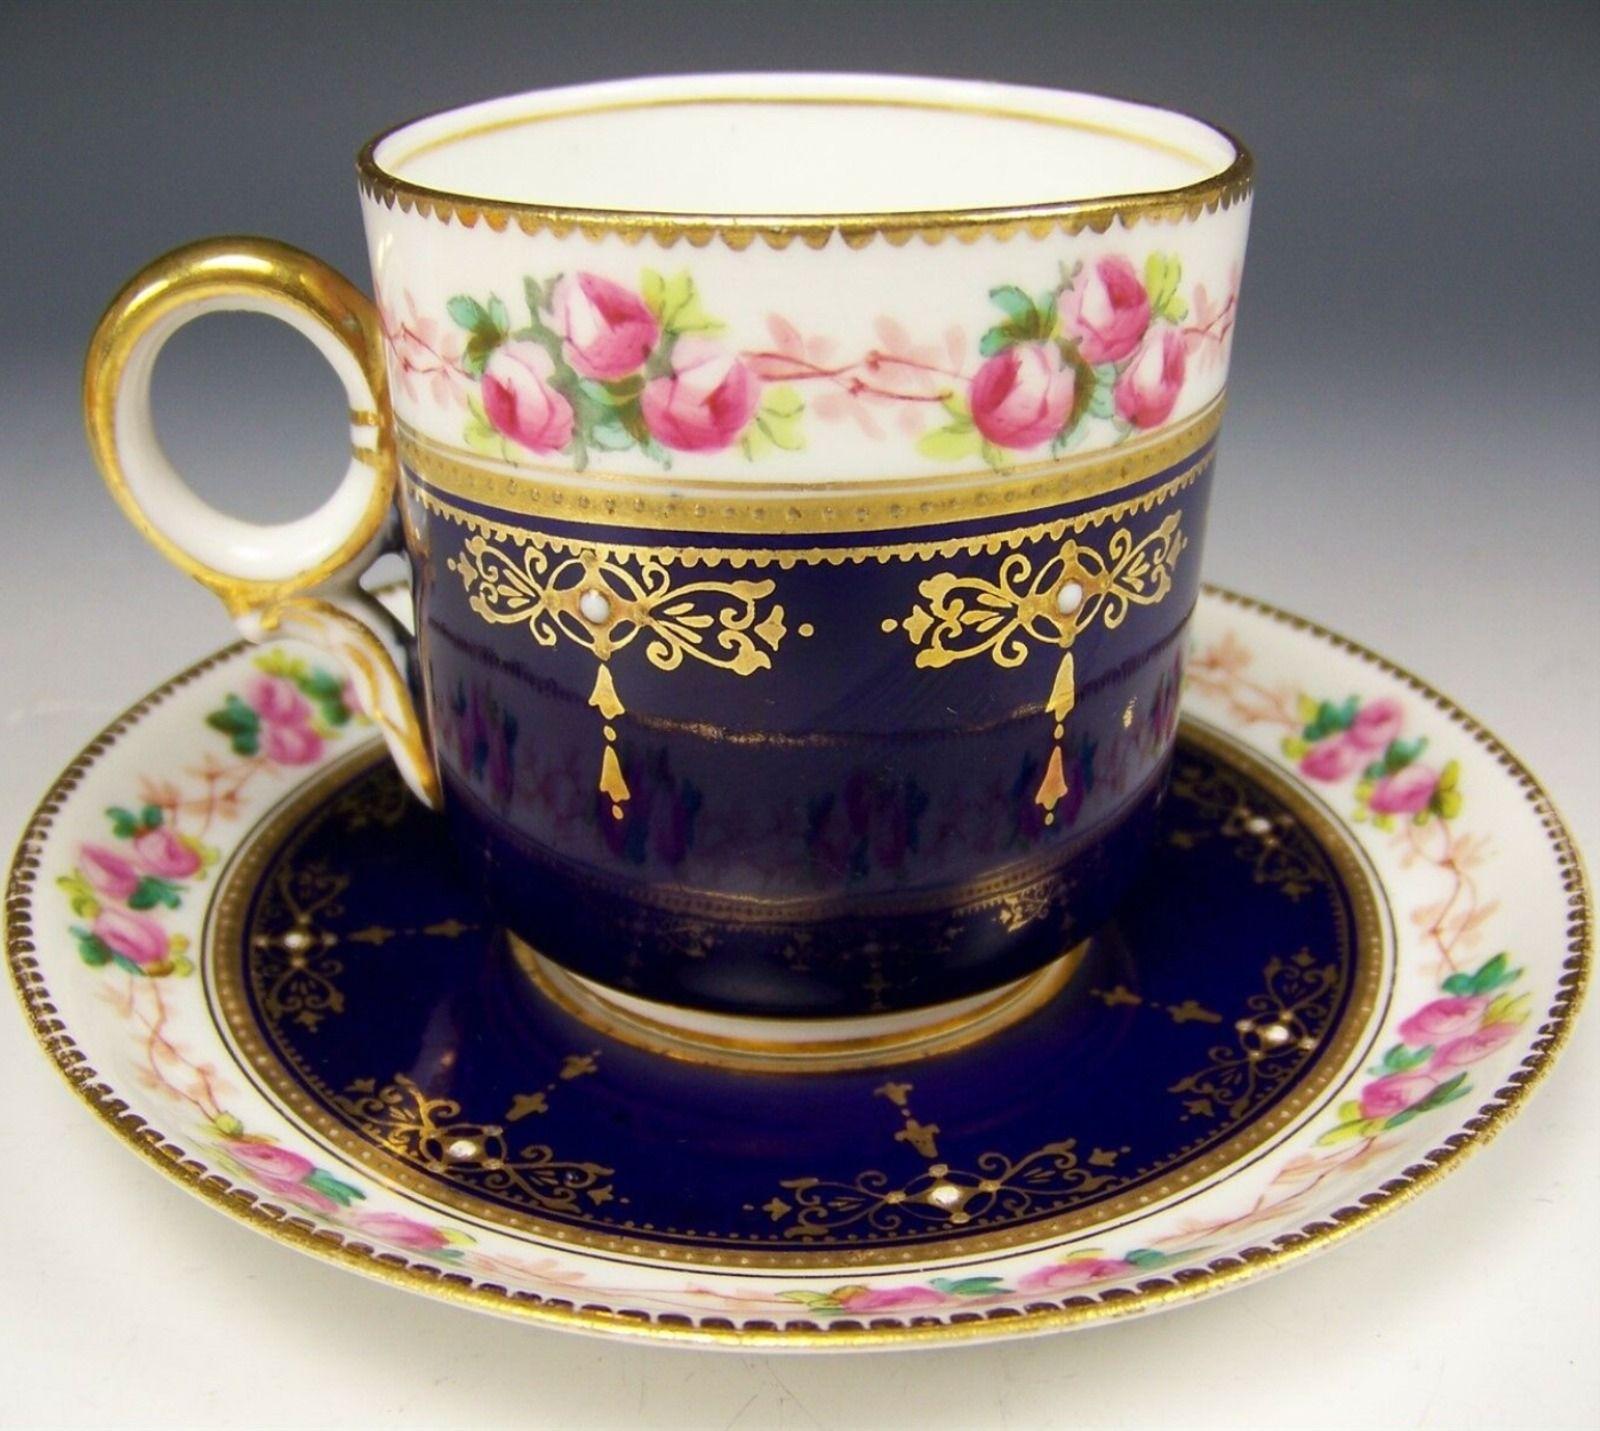 Antique Old Paris Cup And Saucer Hand Painted Xicaras De Cha Conjunto De Cha Vintage Xicaras De Cha Vintage